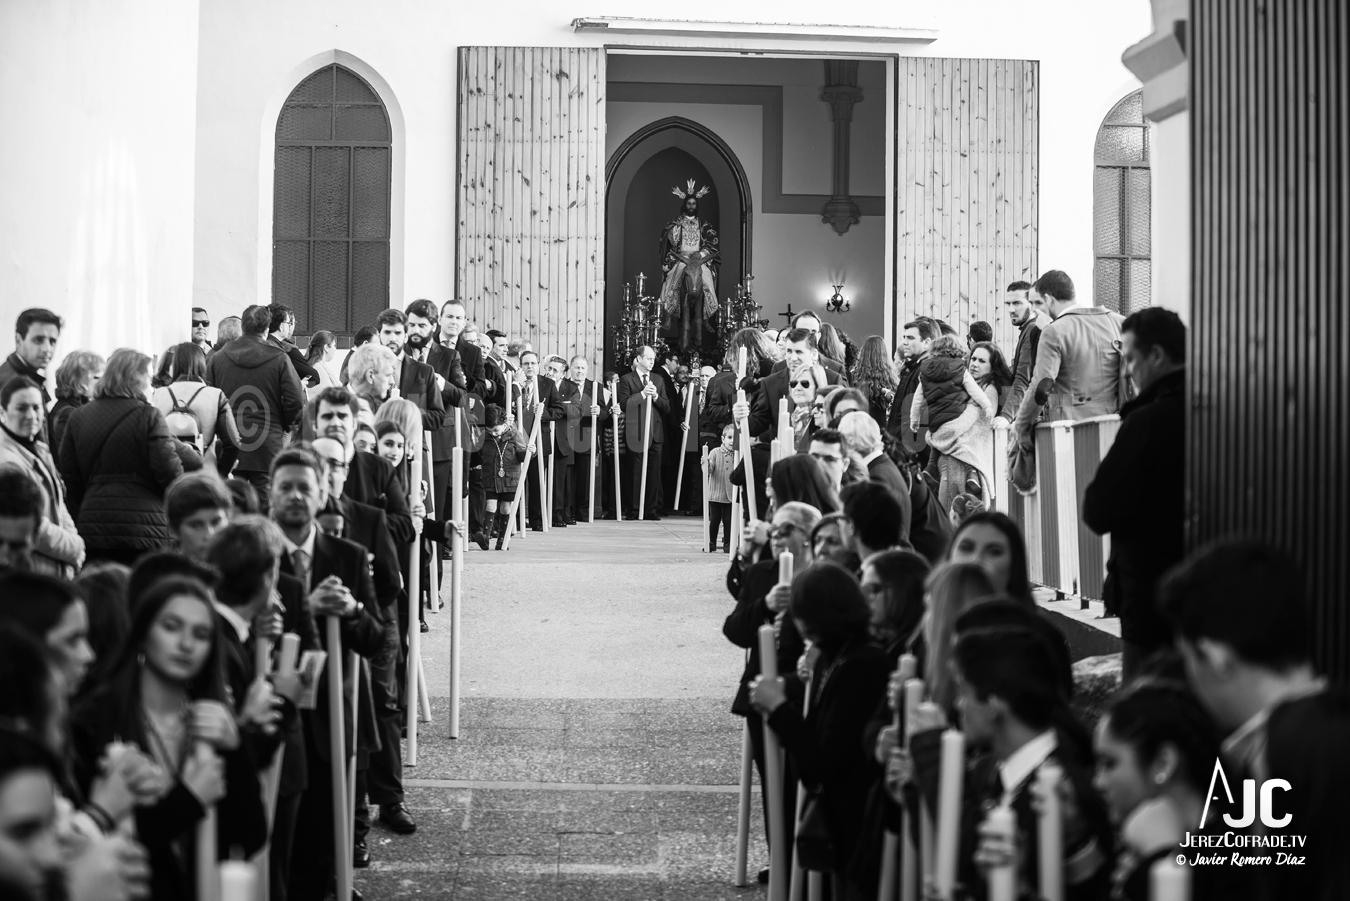 001- Via Crucis Union de Hermandades – Cristo Rey – Jerezcofrade